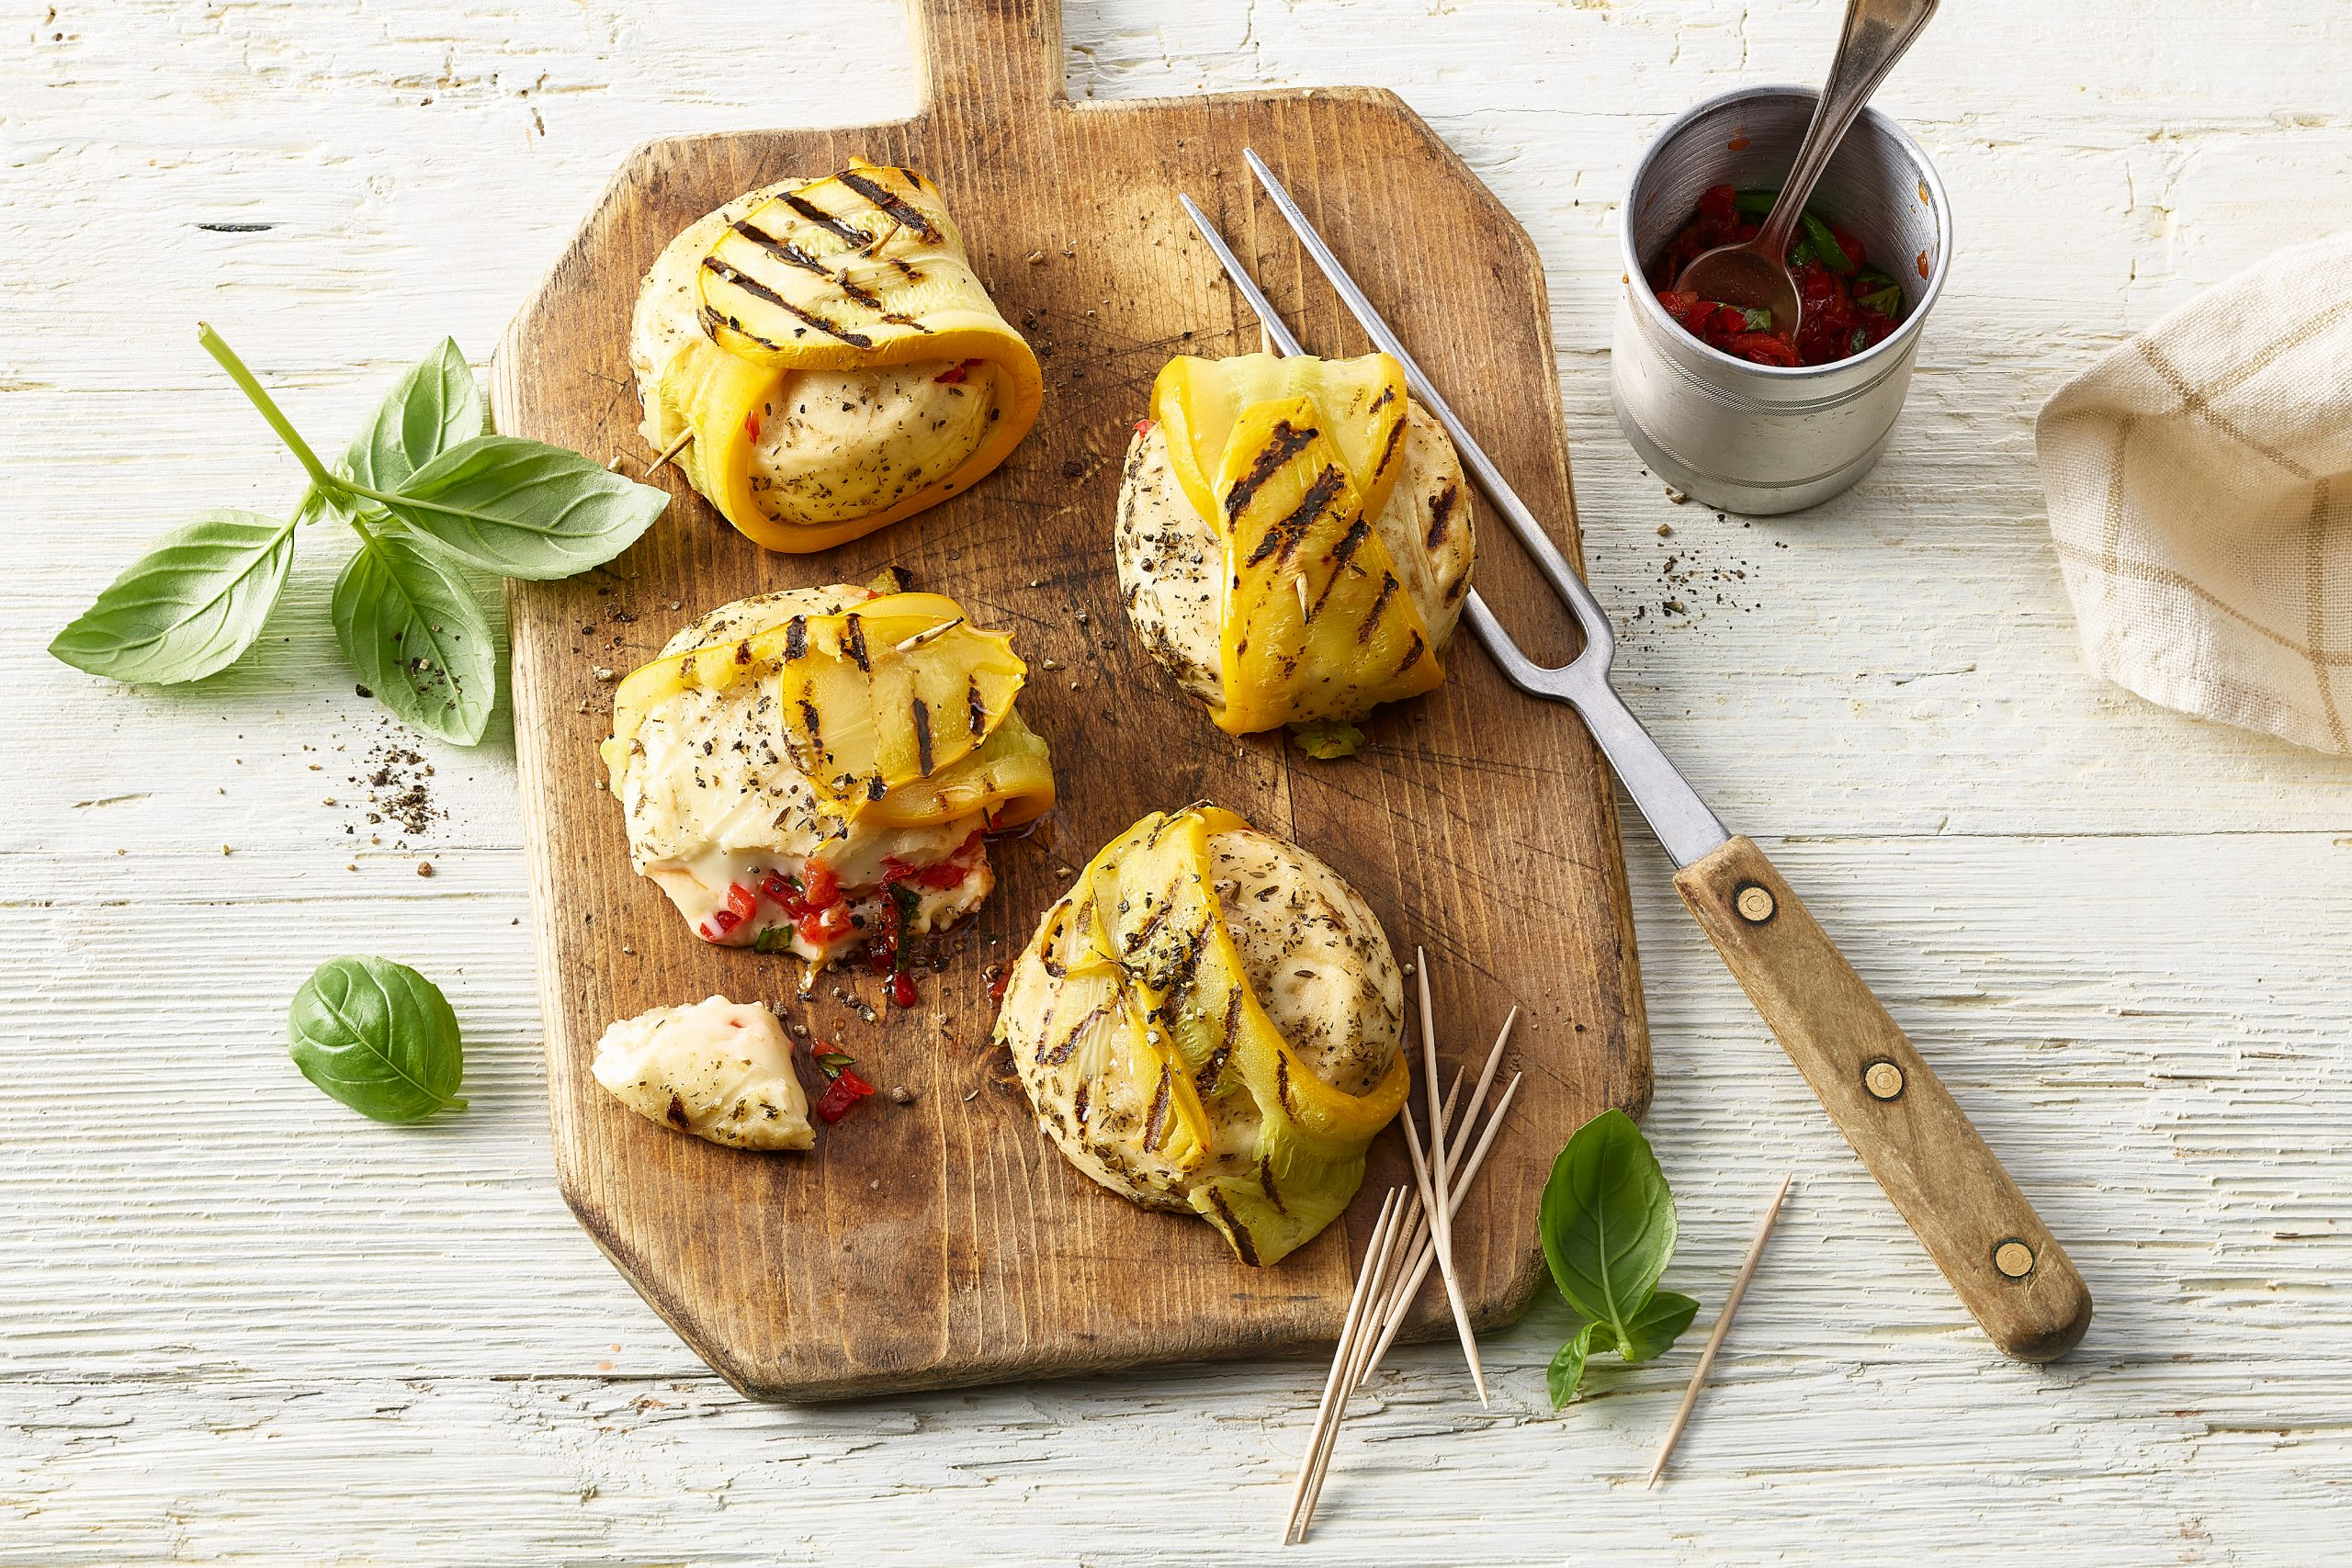 Baluchons de courgette au fromage grillé au barbecue